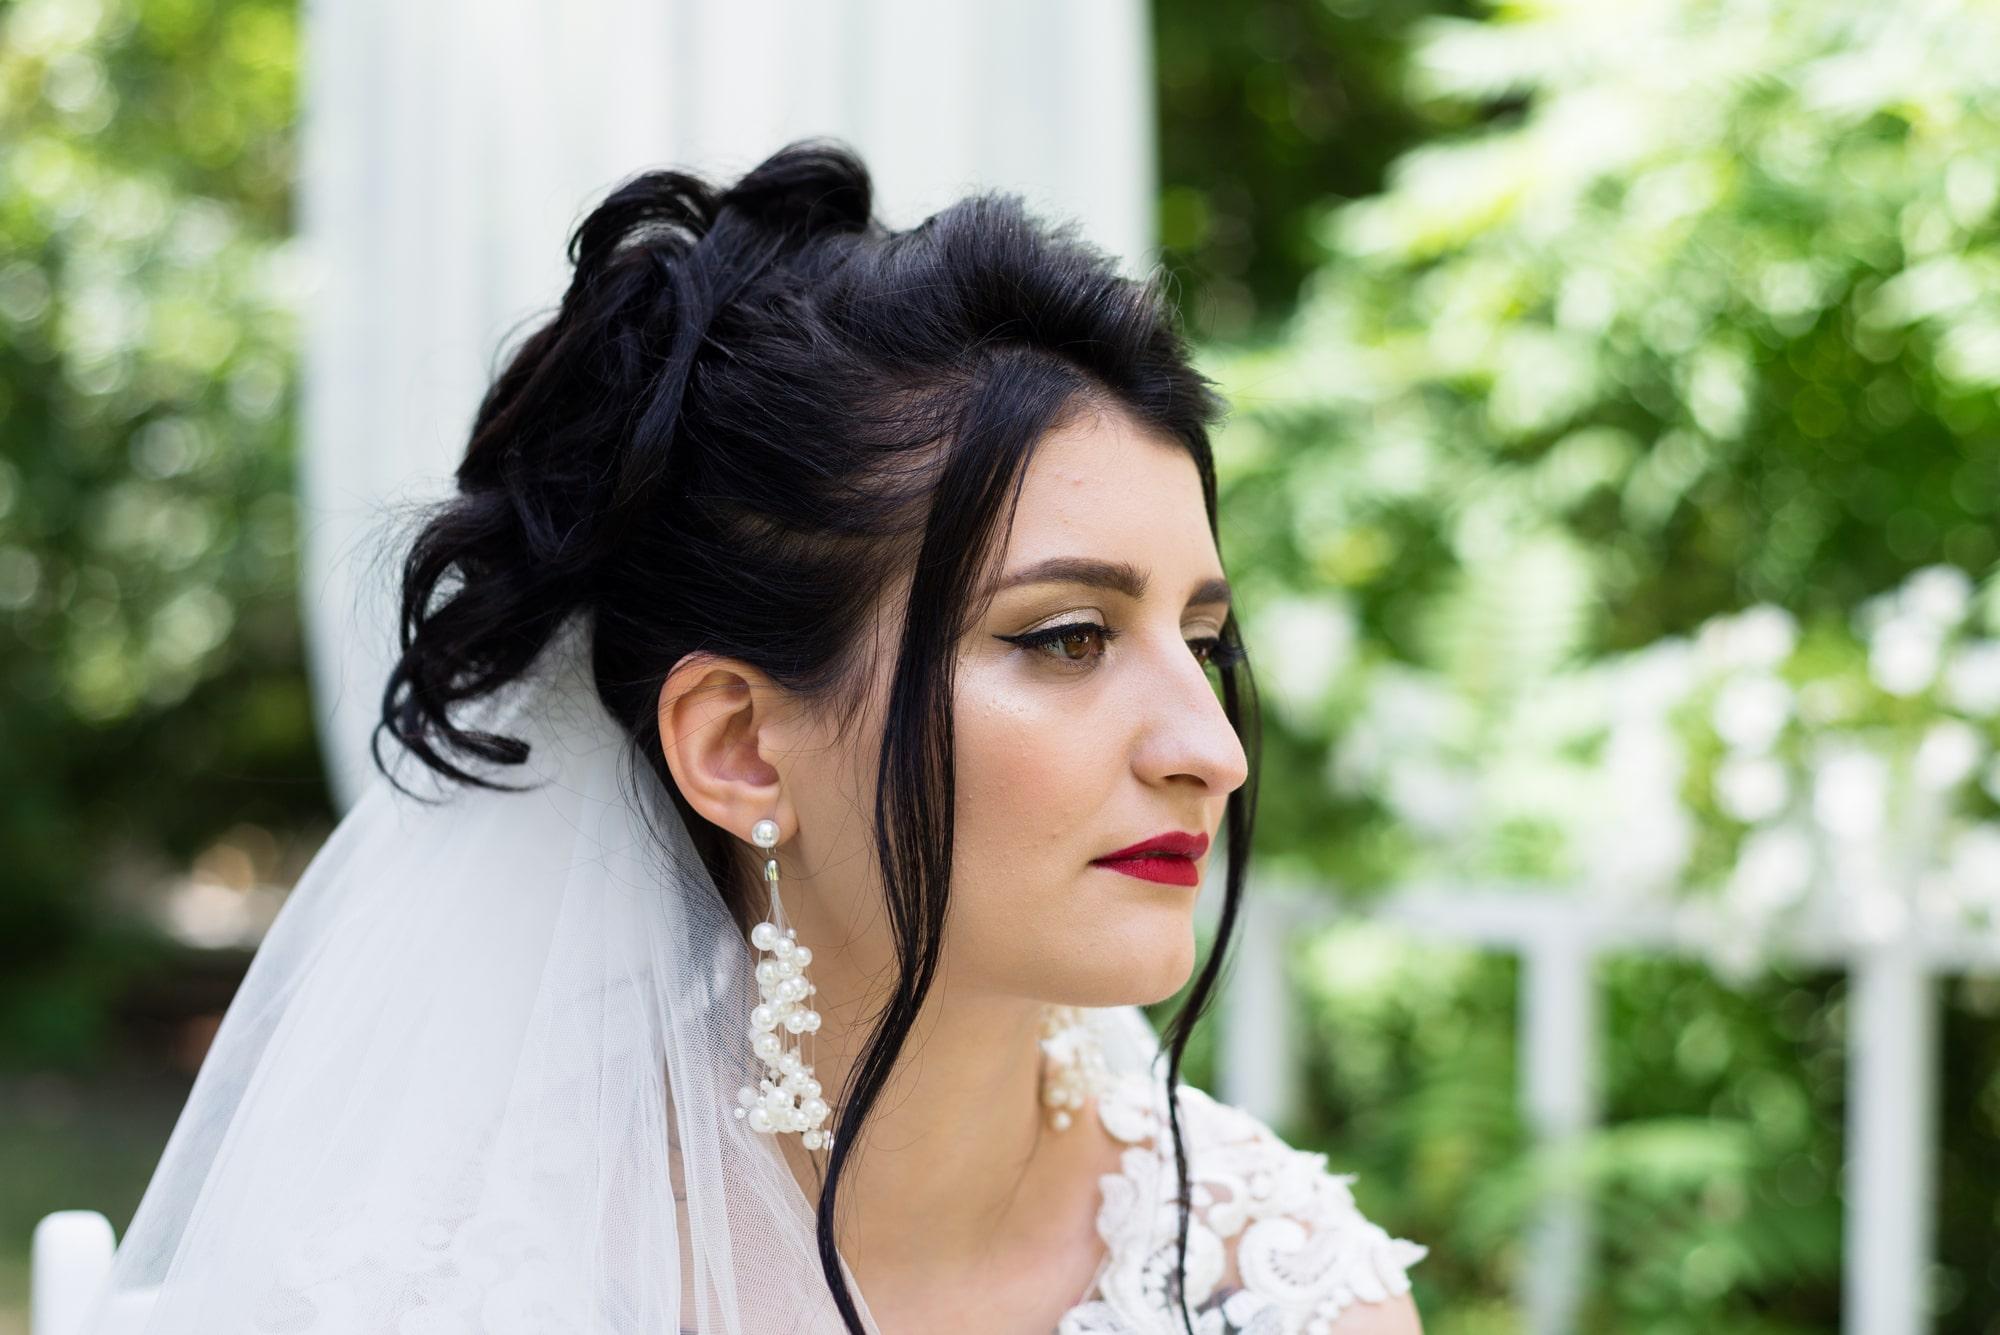 Свадебная фотосессия в студии Плей - профиль невесты